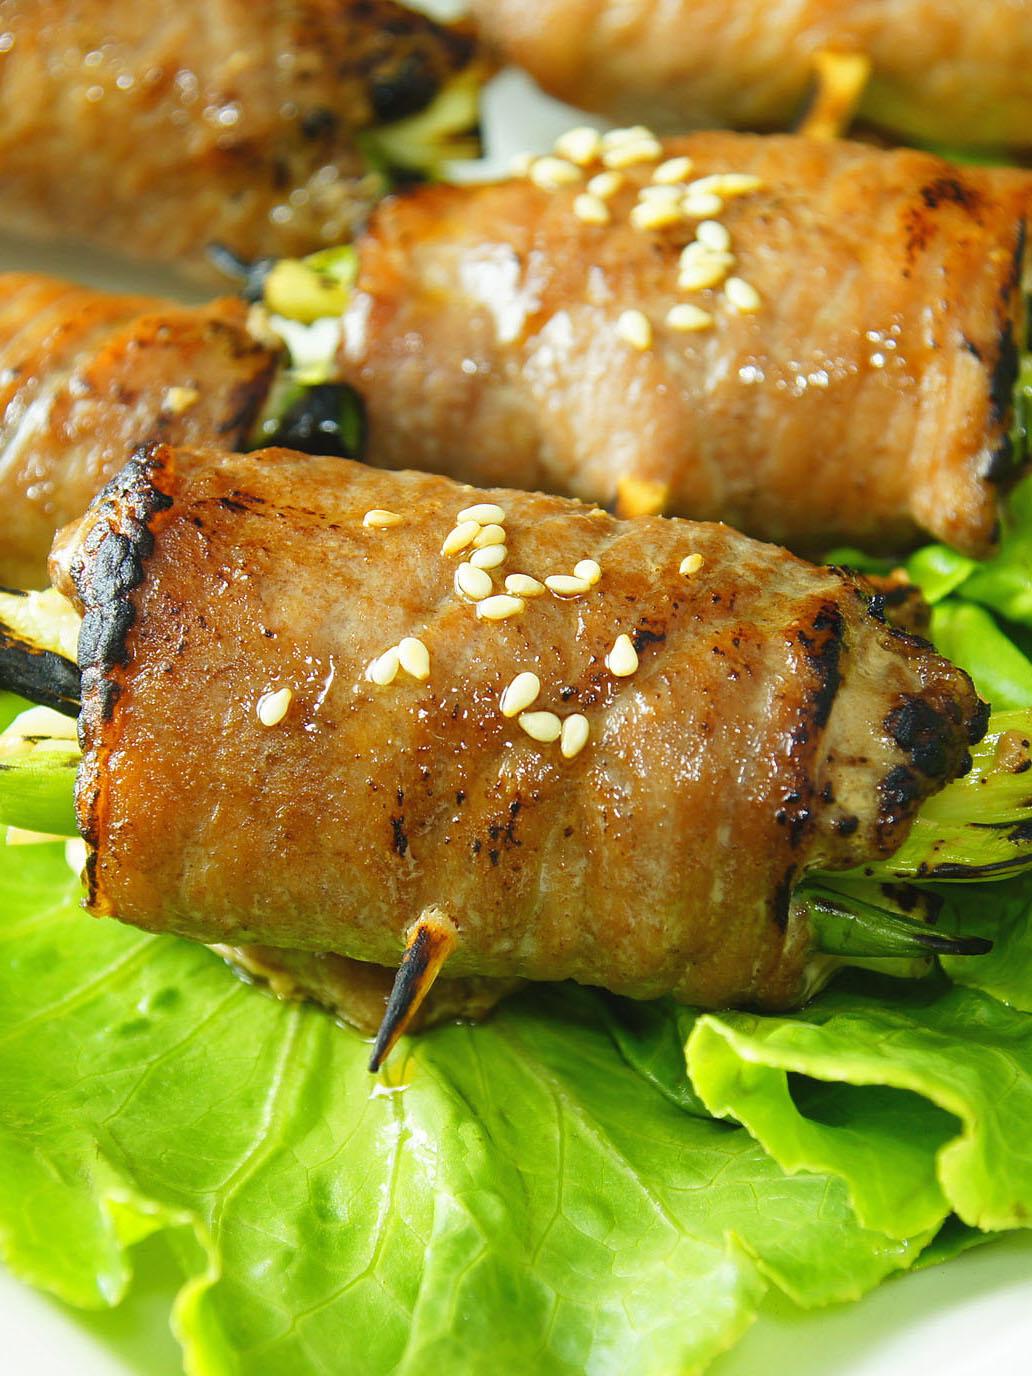 【金榮肉品】屏東東港 碳烤肉片 - 130元(600克±5%/包)